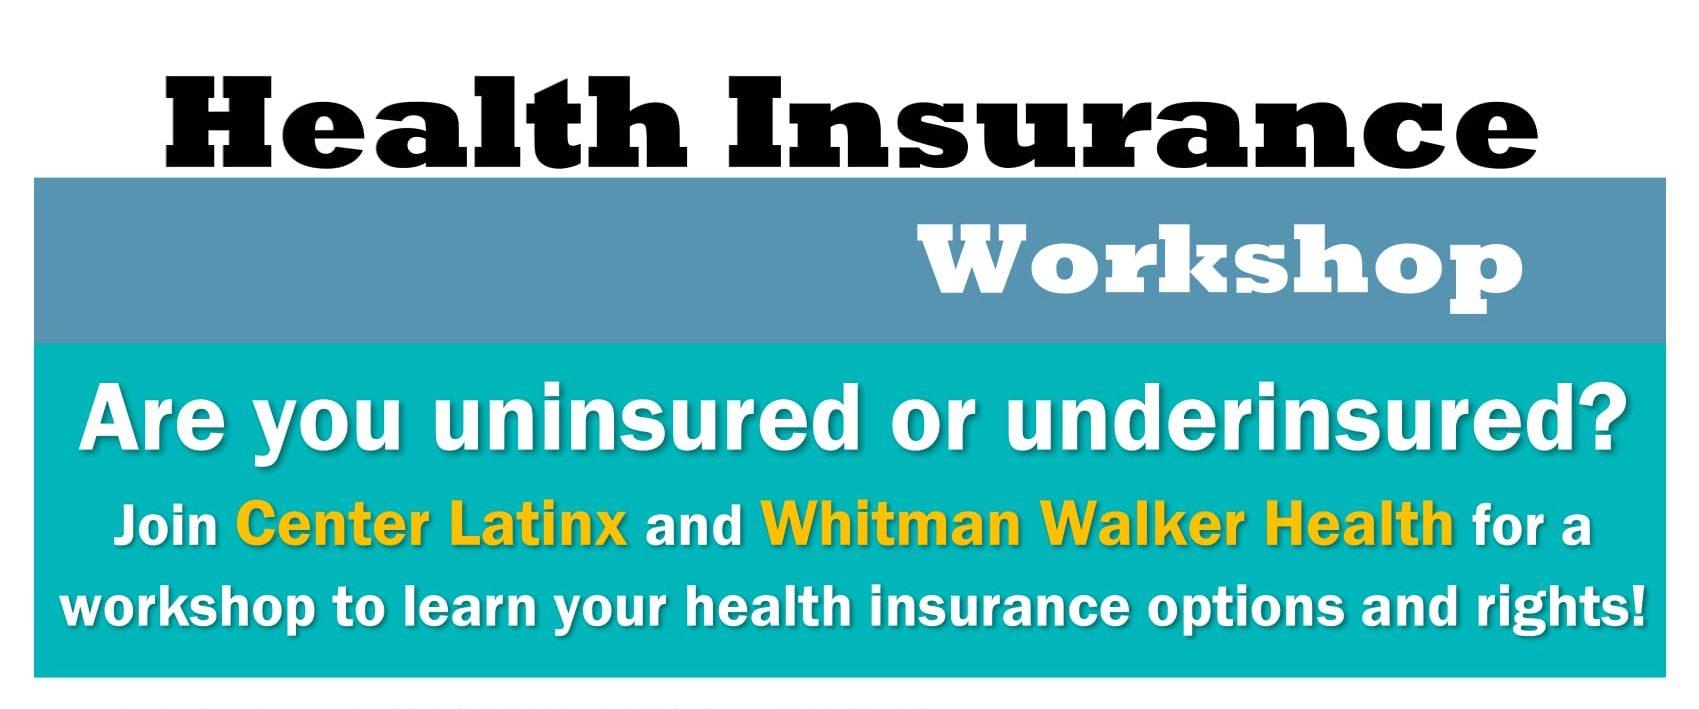 Center Latinx Health Insurance Workshop